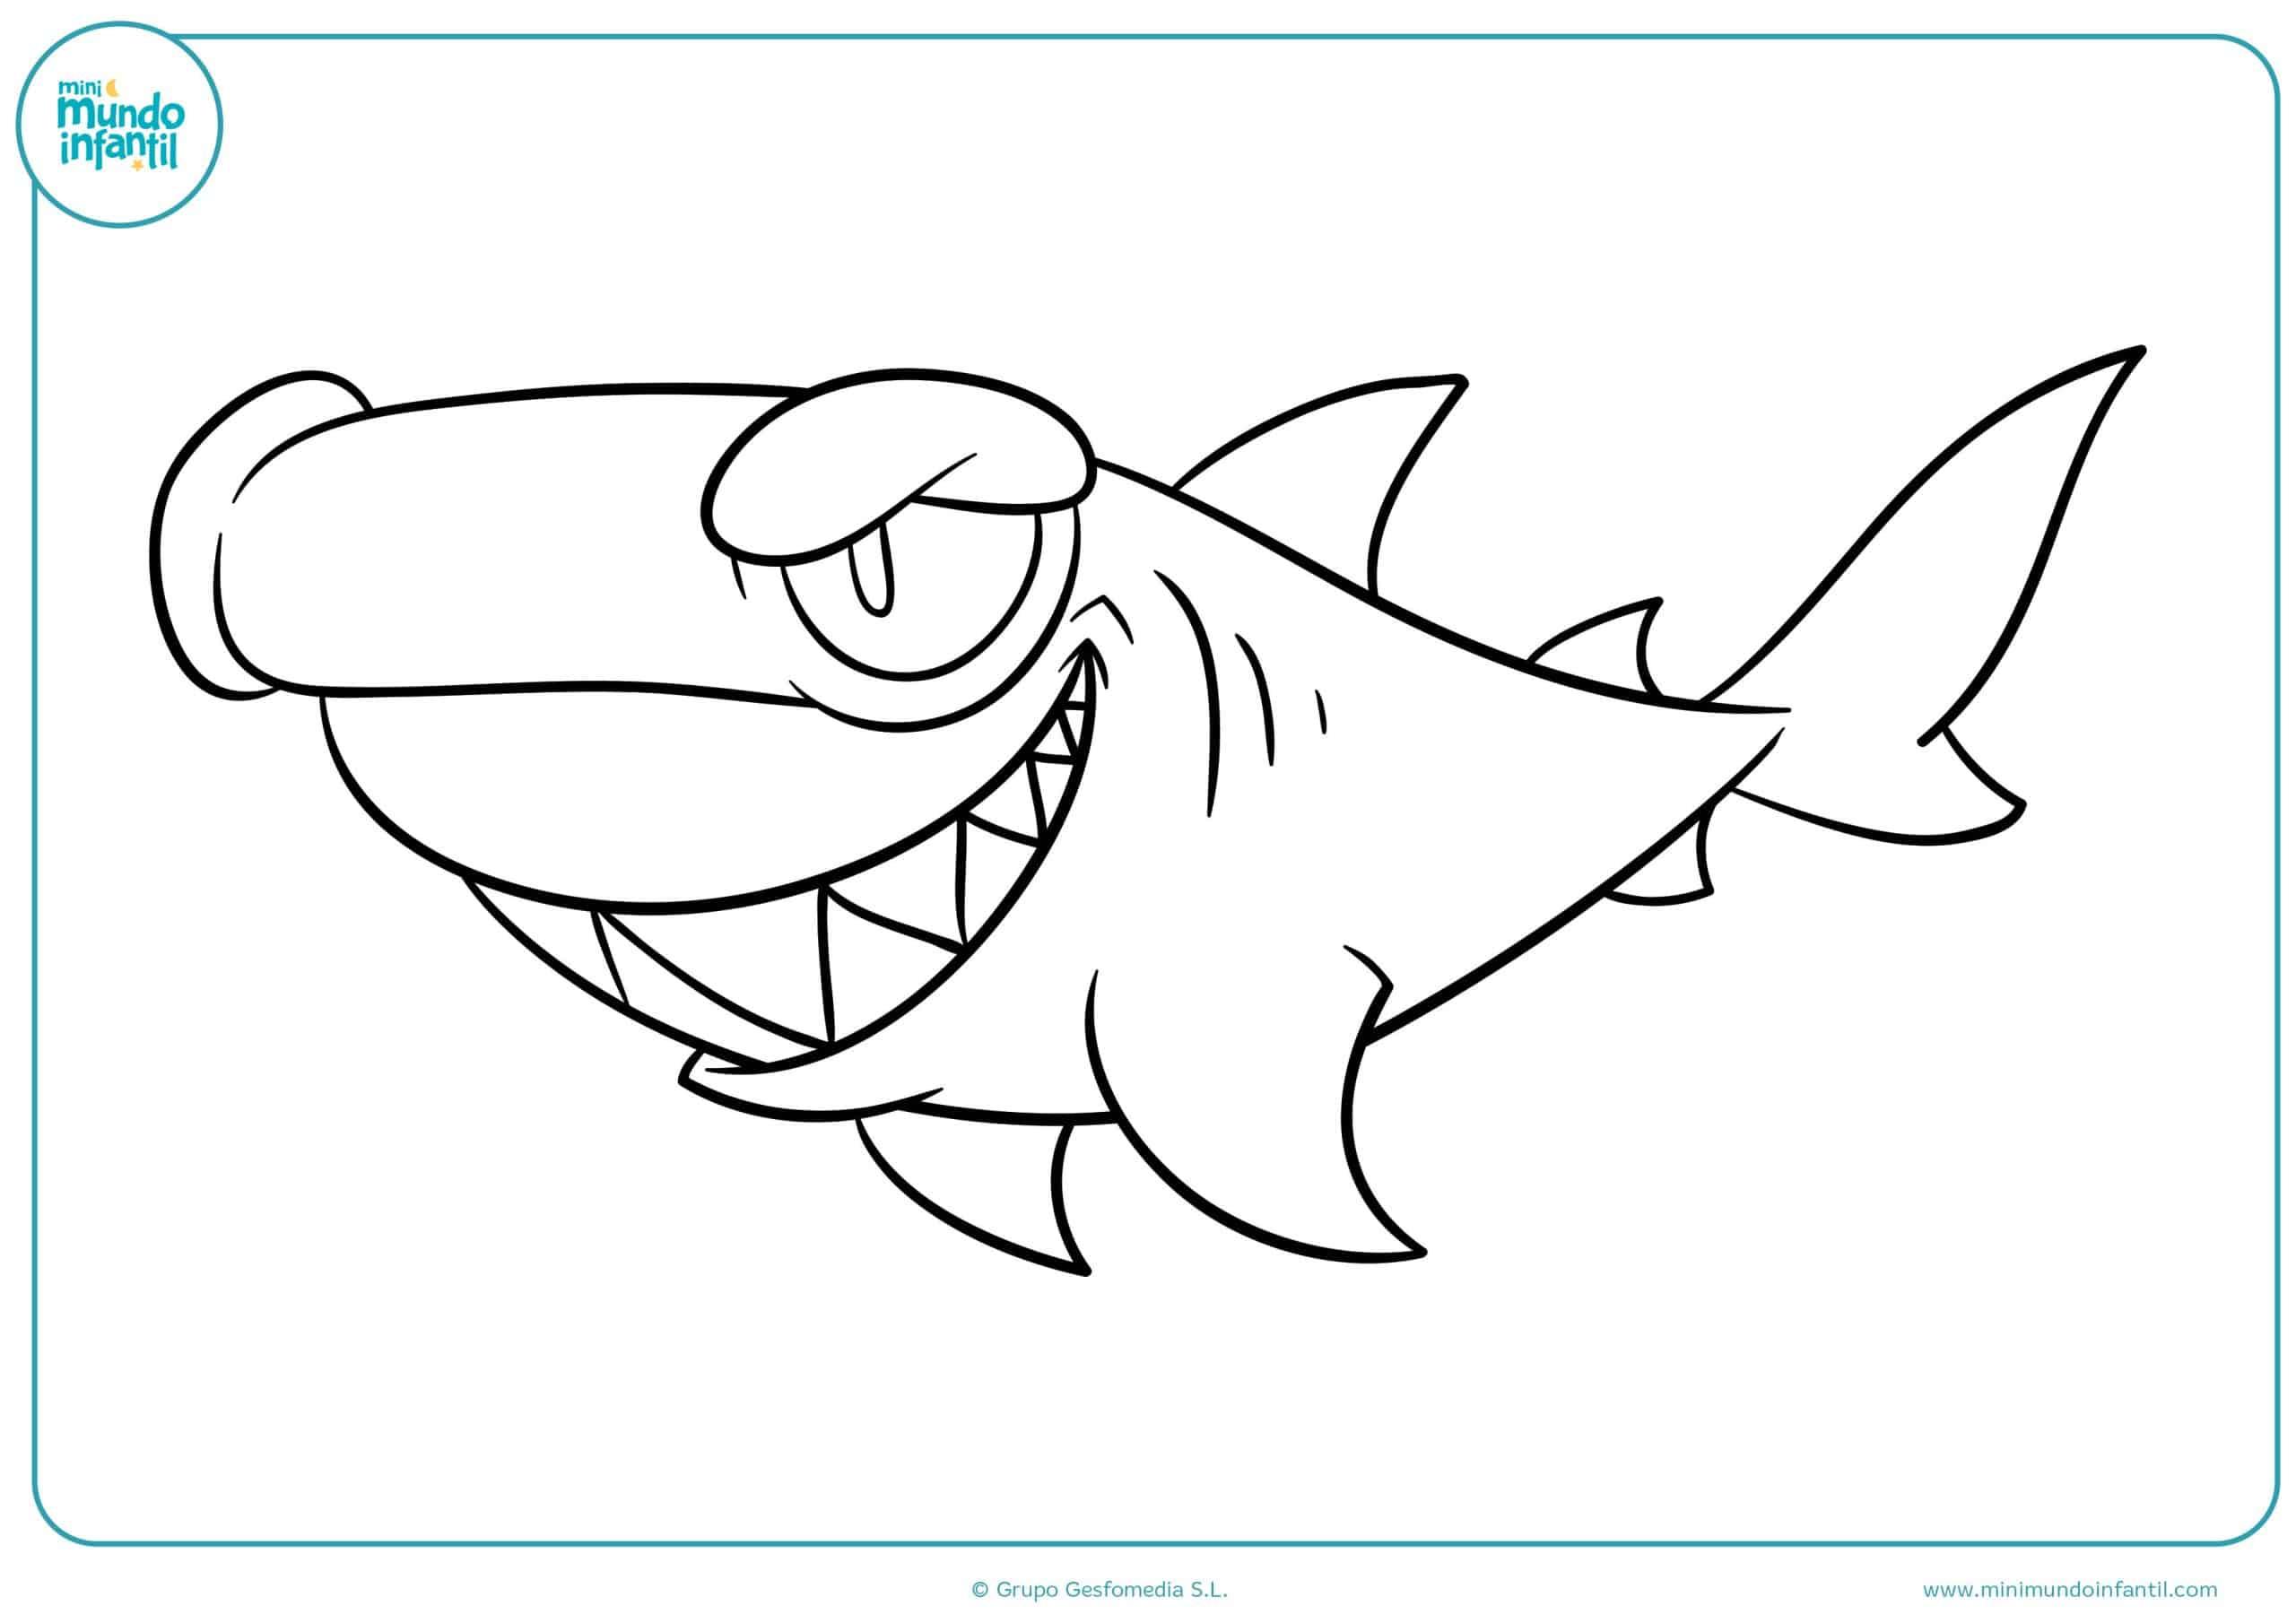 Animales marinos colorear dibujos